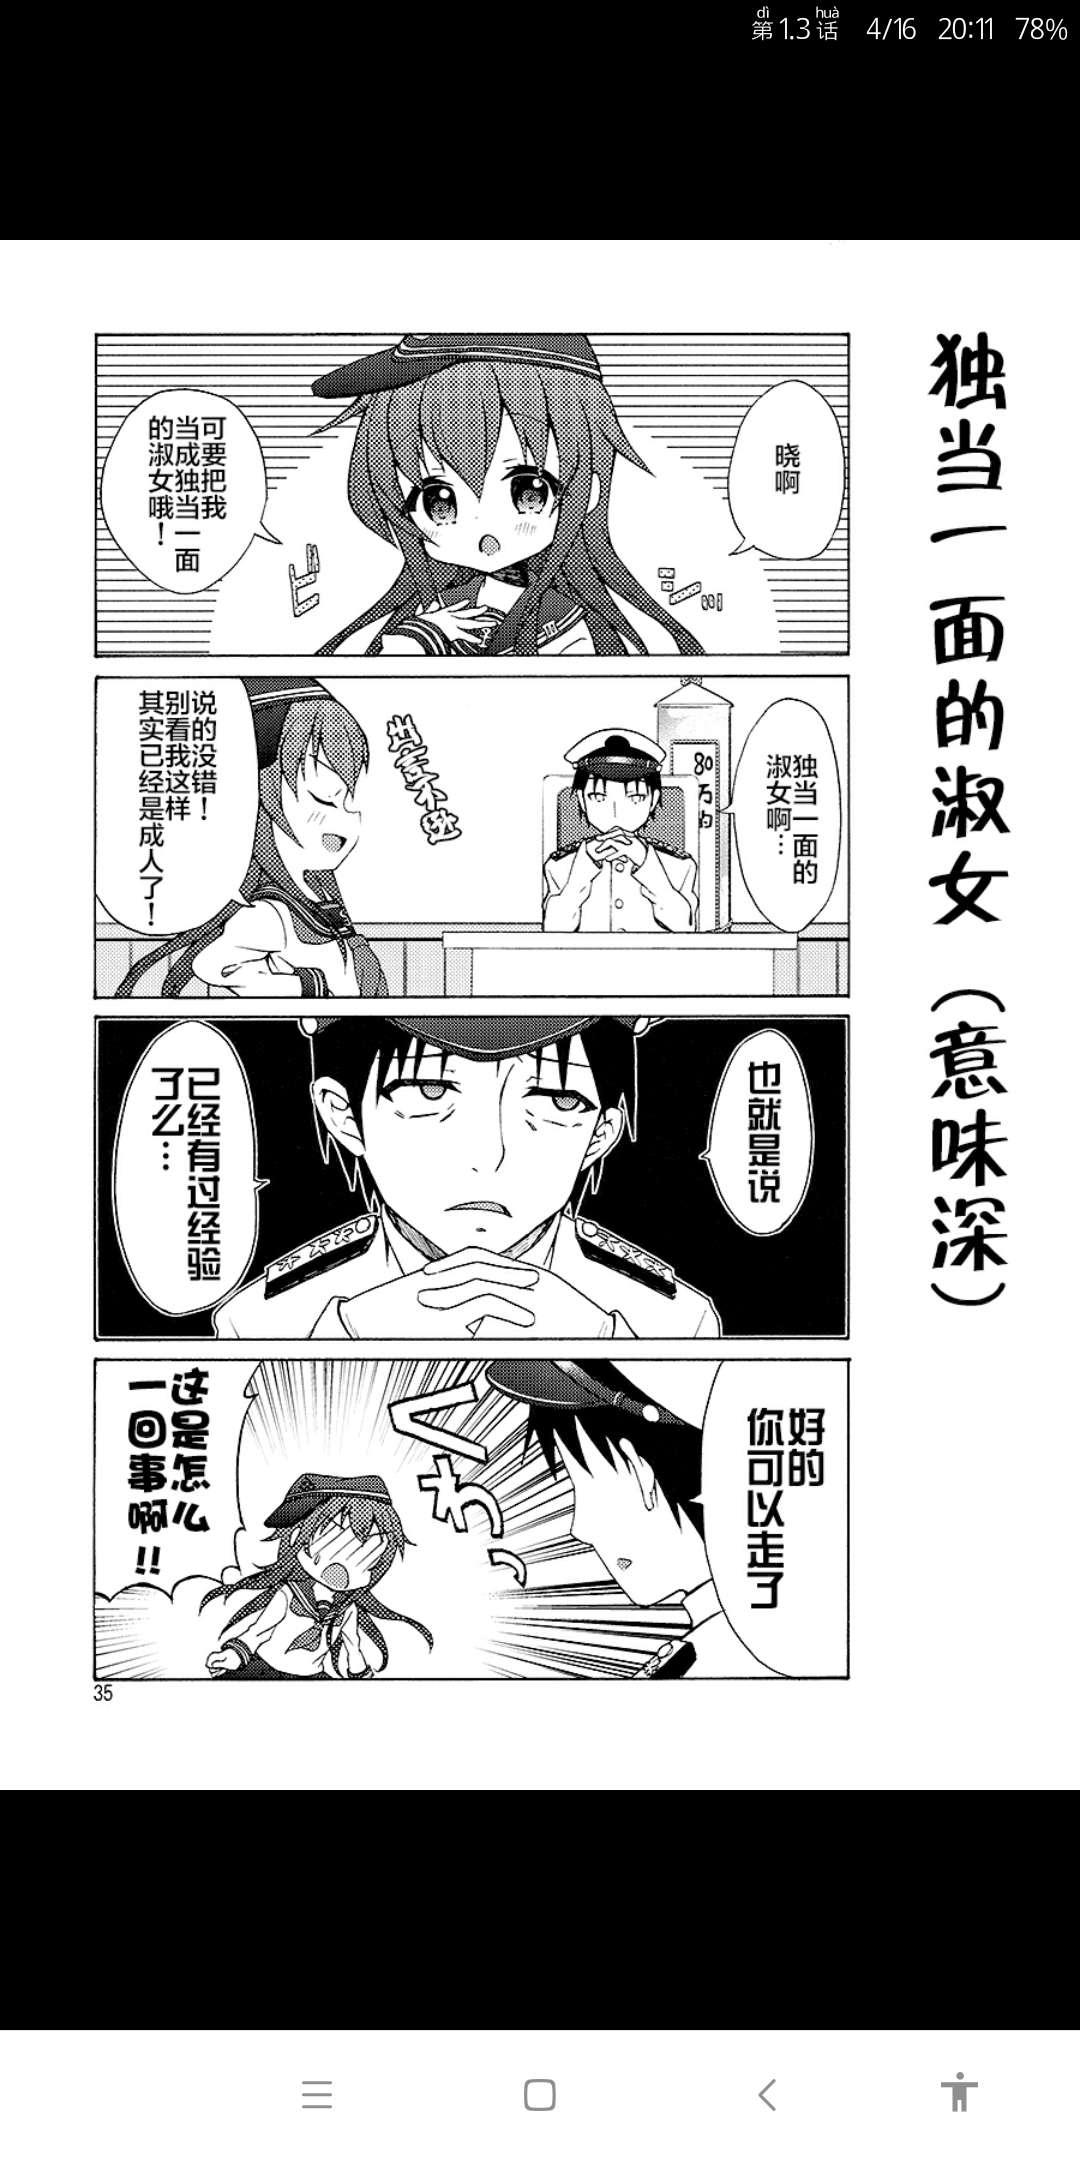 【漫画更新】面舵的舰娘漫画,邪恶娜美acg